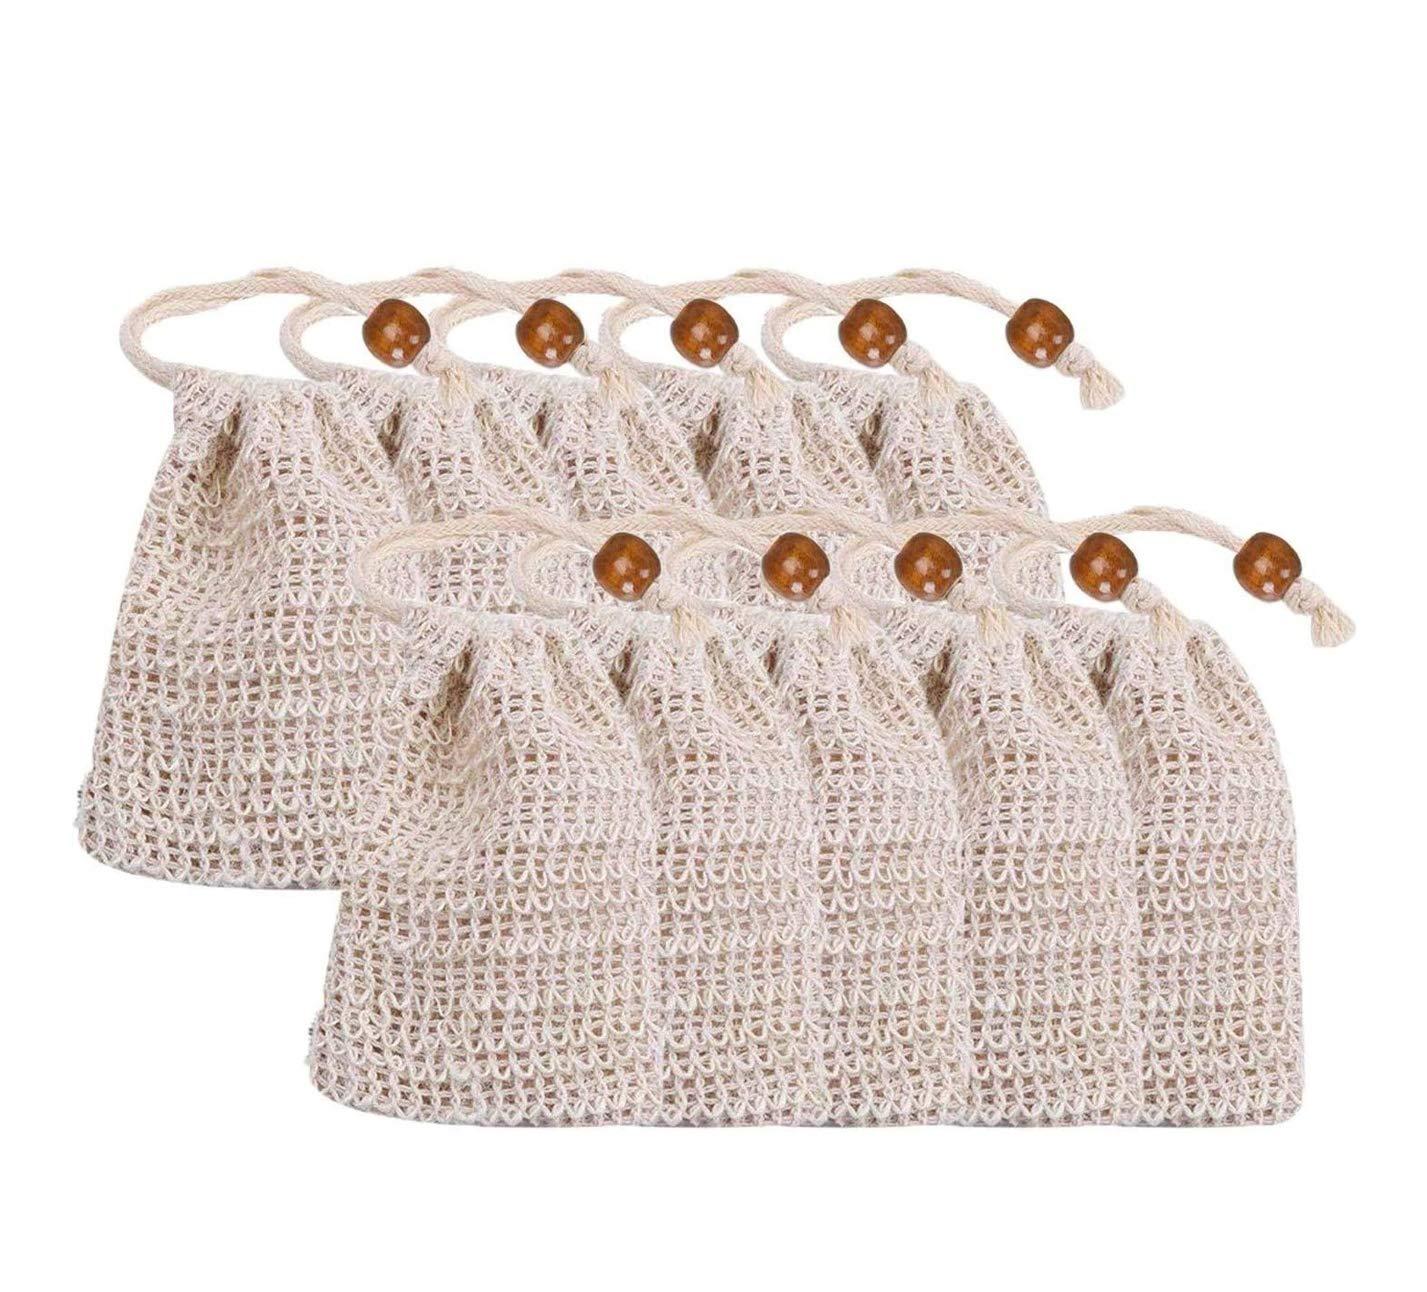 Sisal Soap Bags 10 Pack trust Ranking TOP14 Natural Drawstring Mesh Exfoliating